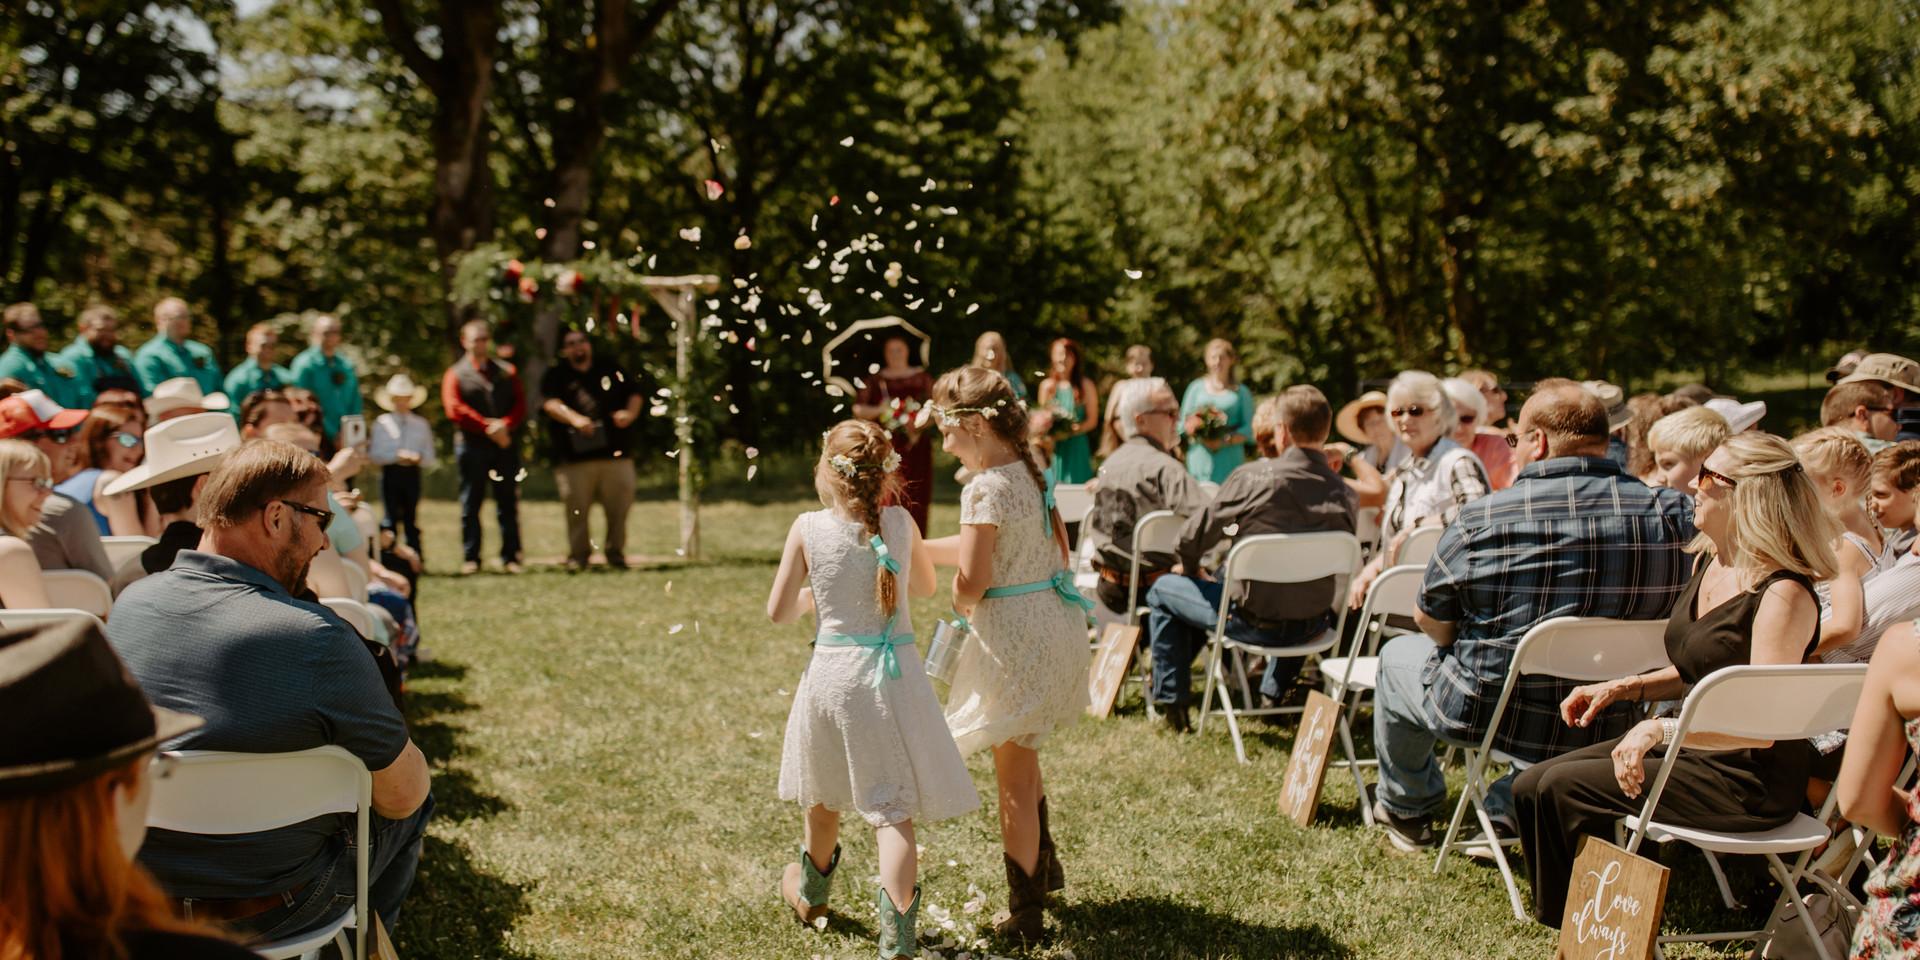 keddies-farm-country-wedding-23.jpg